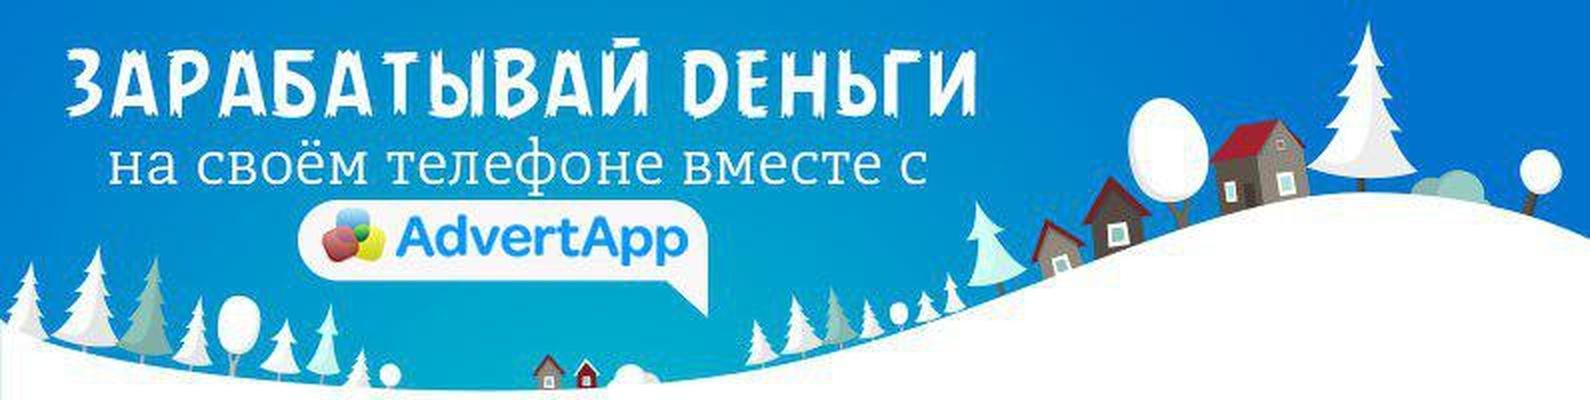 Скачать игры и приложения - Appsobranie - …